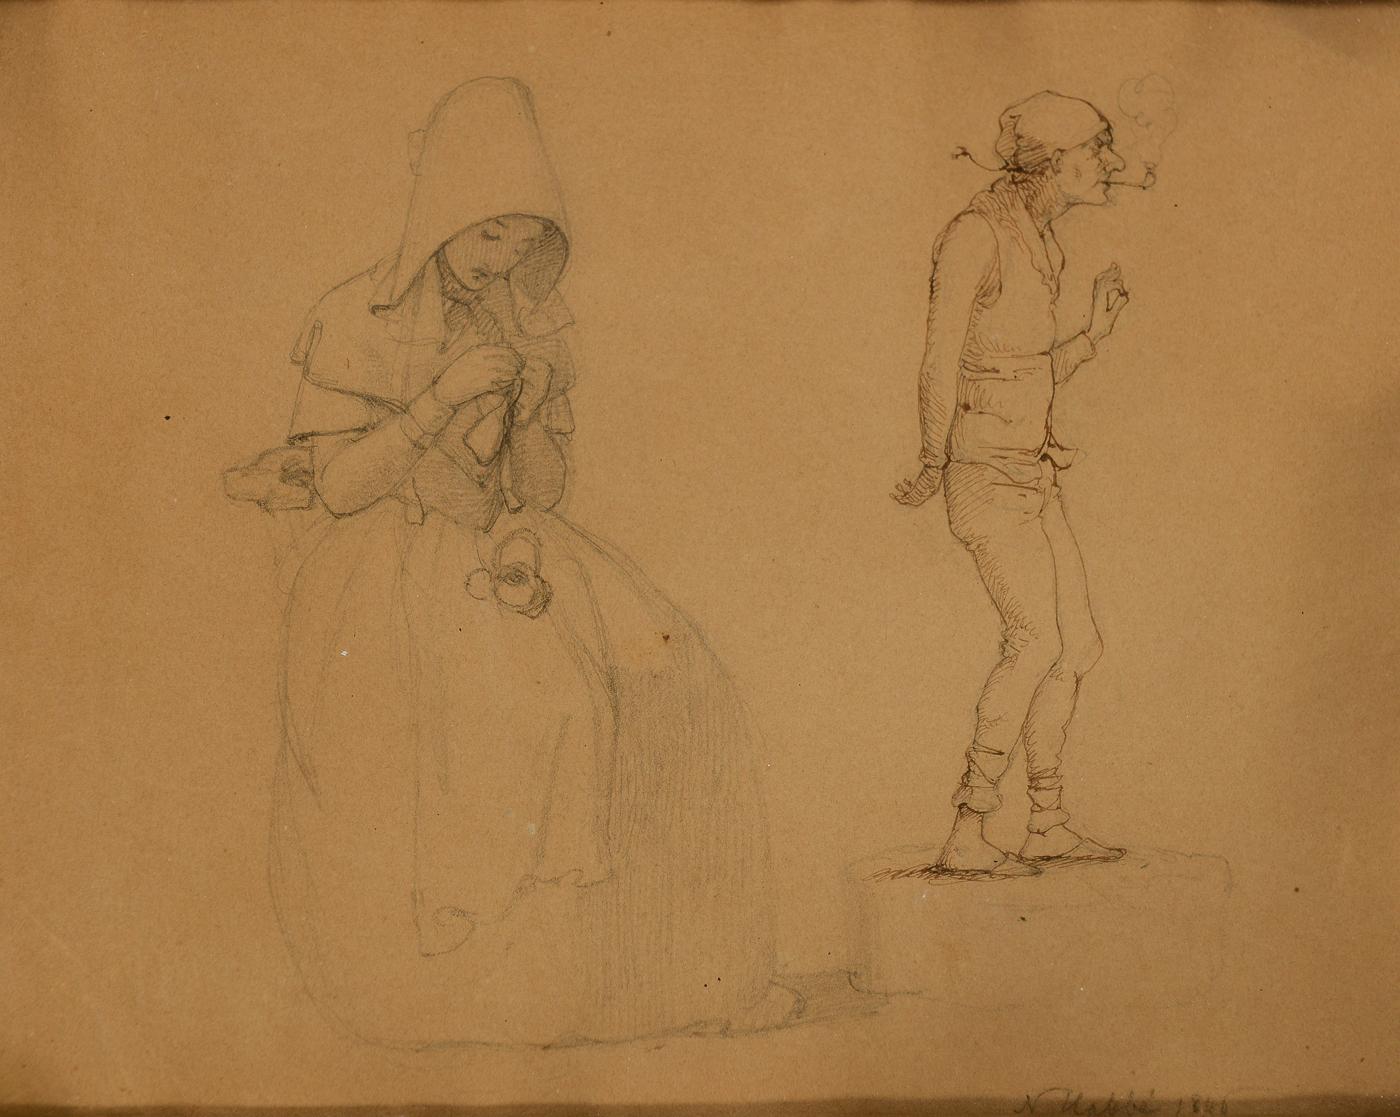 Nicolai Habbe Studie af mand og kvinde - Nicolai Habbe 1827-1889 Studie af mand og kvinde, bly og pen på papir monteret på pap, sign N. Habbe 1846. 17,5 x 22,5 cm ( 20,5 x 25,5 cm)